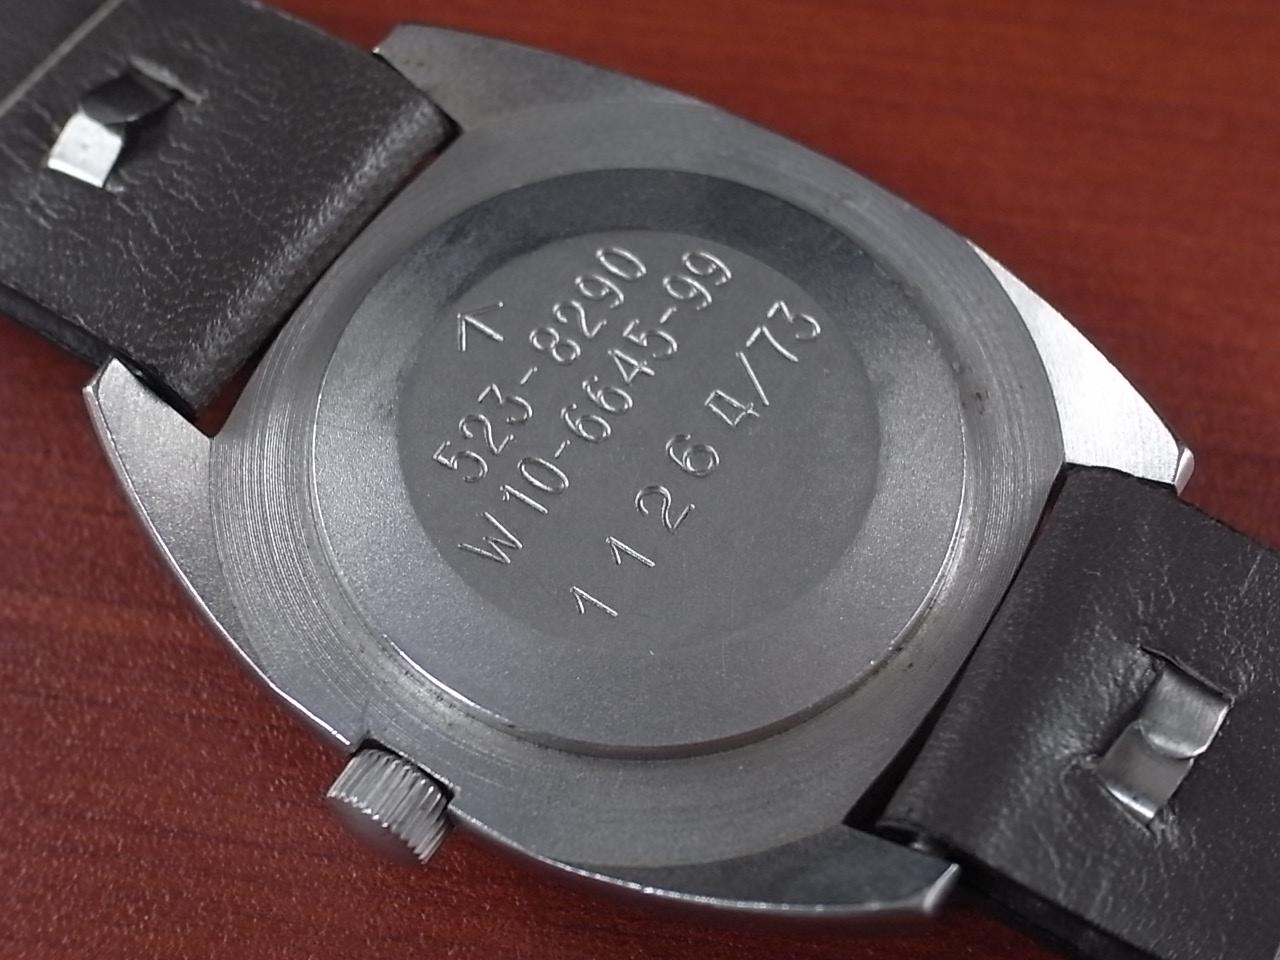 ハミルトン 軍用時計 イギリス陸軍 W10 トノーケース 1970年代の写真4枚目